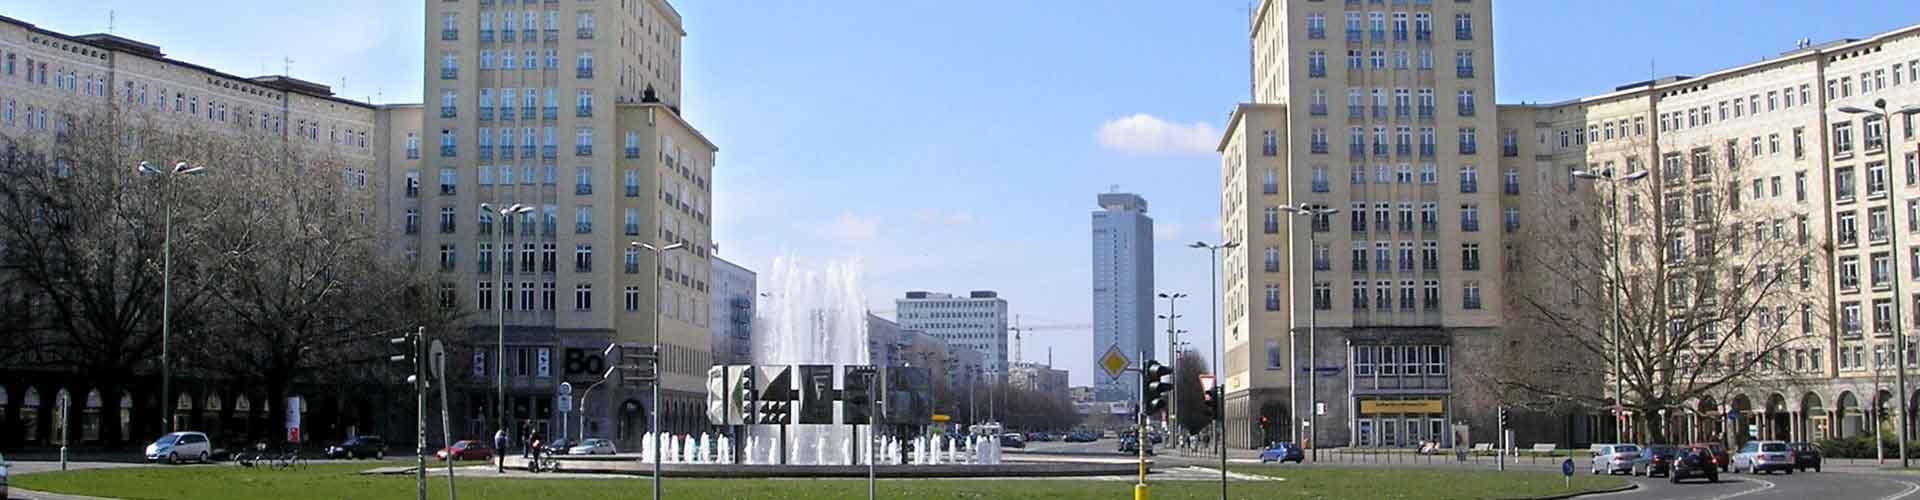 베를린 - 칼 맑스 알리와 가까운 호스텔. 베를린의 지도, 베를린에 위치한 호스텔 사진 및 후기 정보.